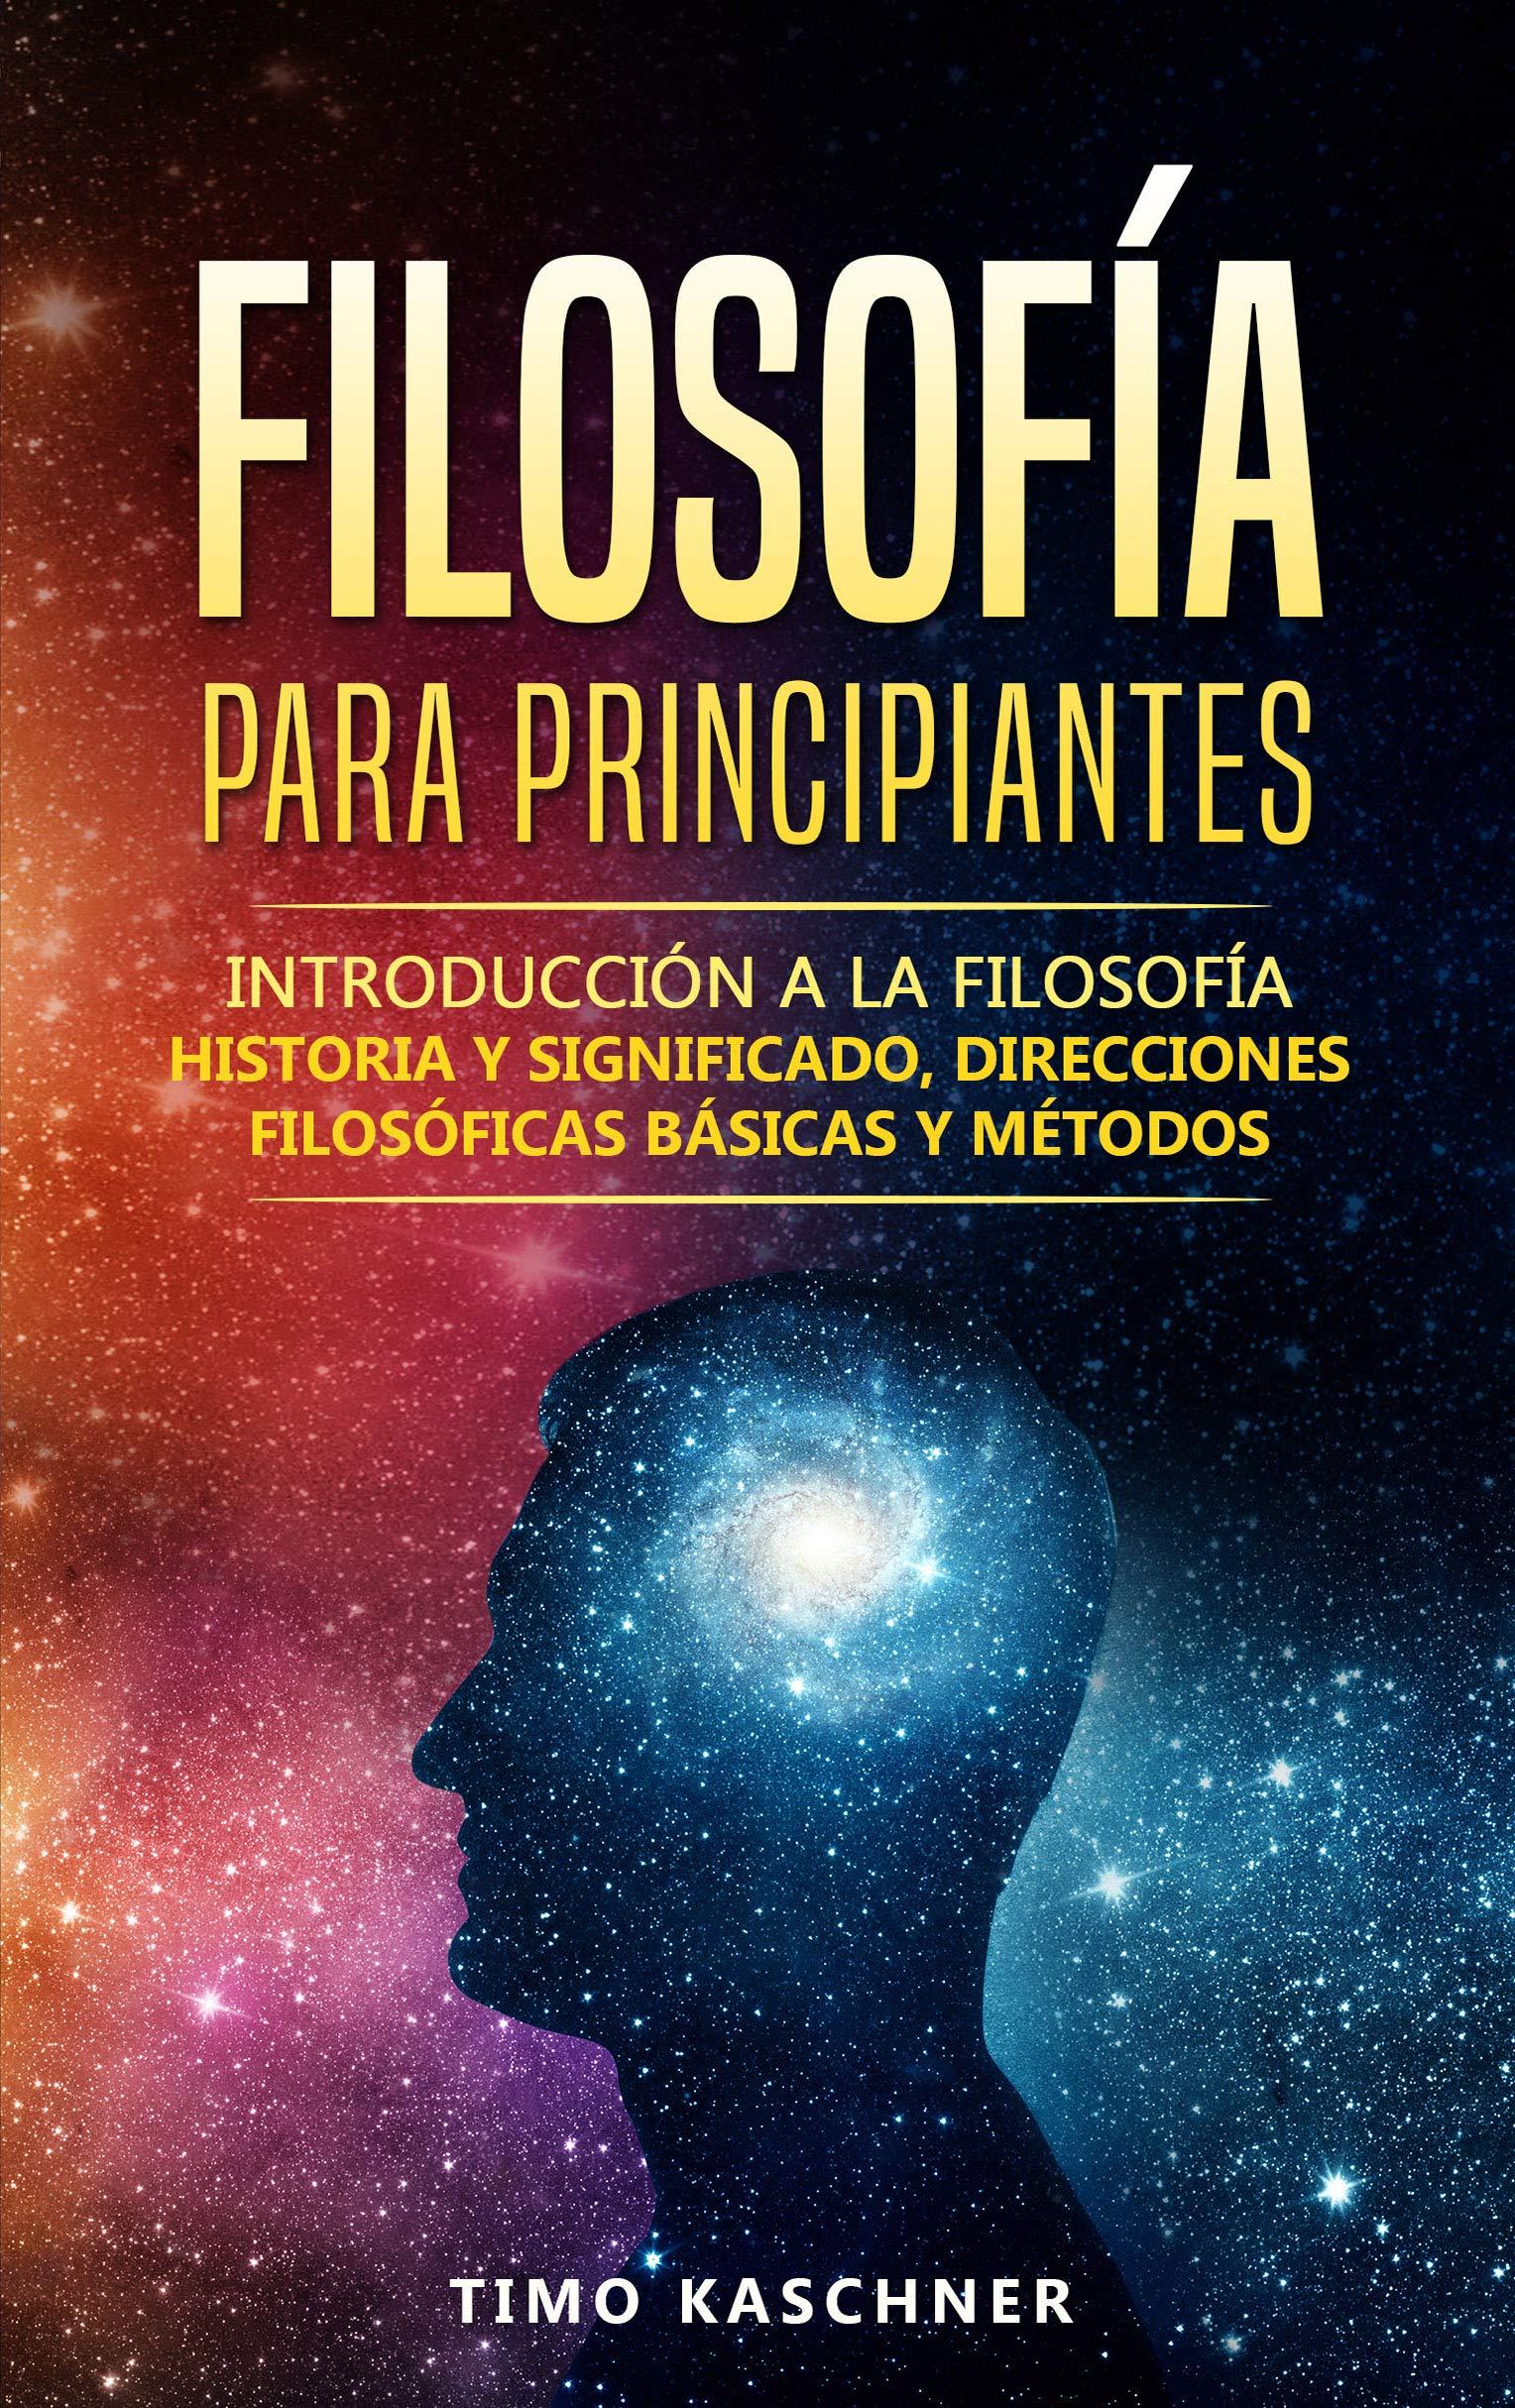 Filosofía para principiantes: Introducción a la filosofía - historia y significado direcciones filosóficas básicas y métodos (Spanish Edition)